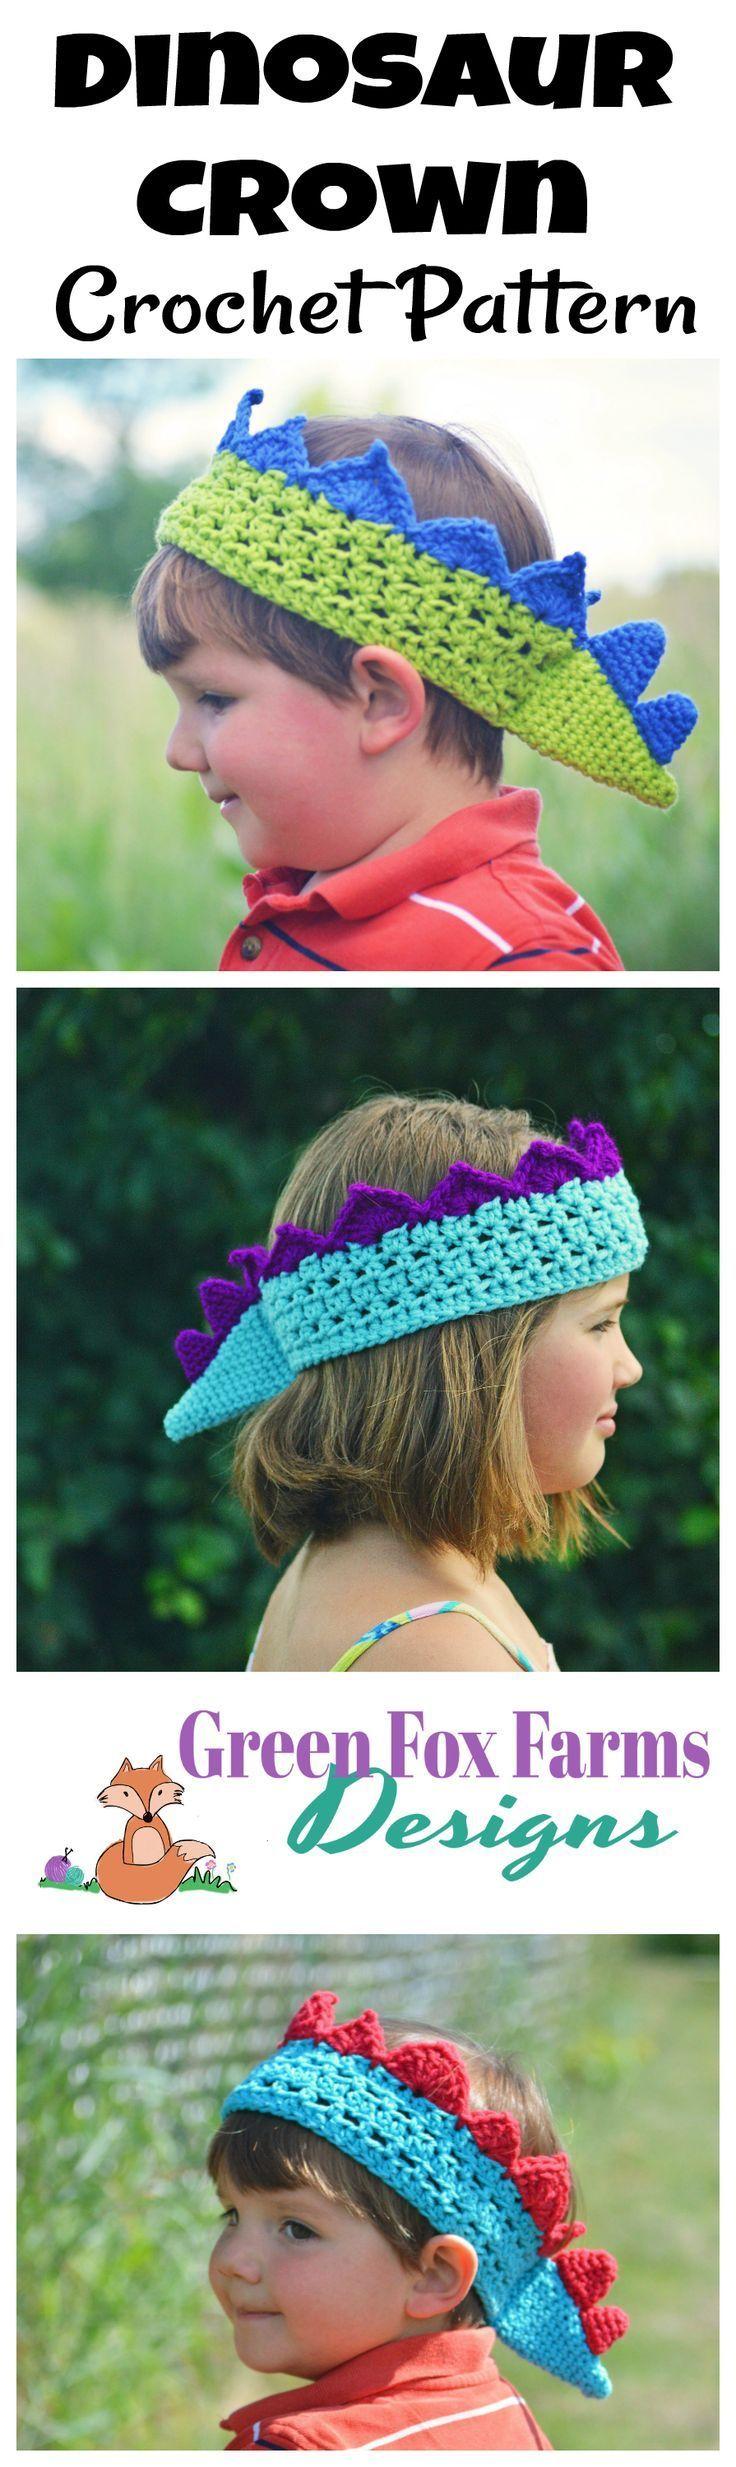 Crochet Dinosaur Crown Pattern Release! #crownscrocheted Crochet Dinosaur Crown - Dinosaur Birthday - DIY Dino Party - Party Crown - Crochet Pattern - www.greenfoxfarmsdesigns.com #crownscrocheted